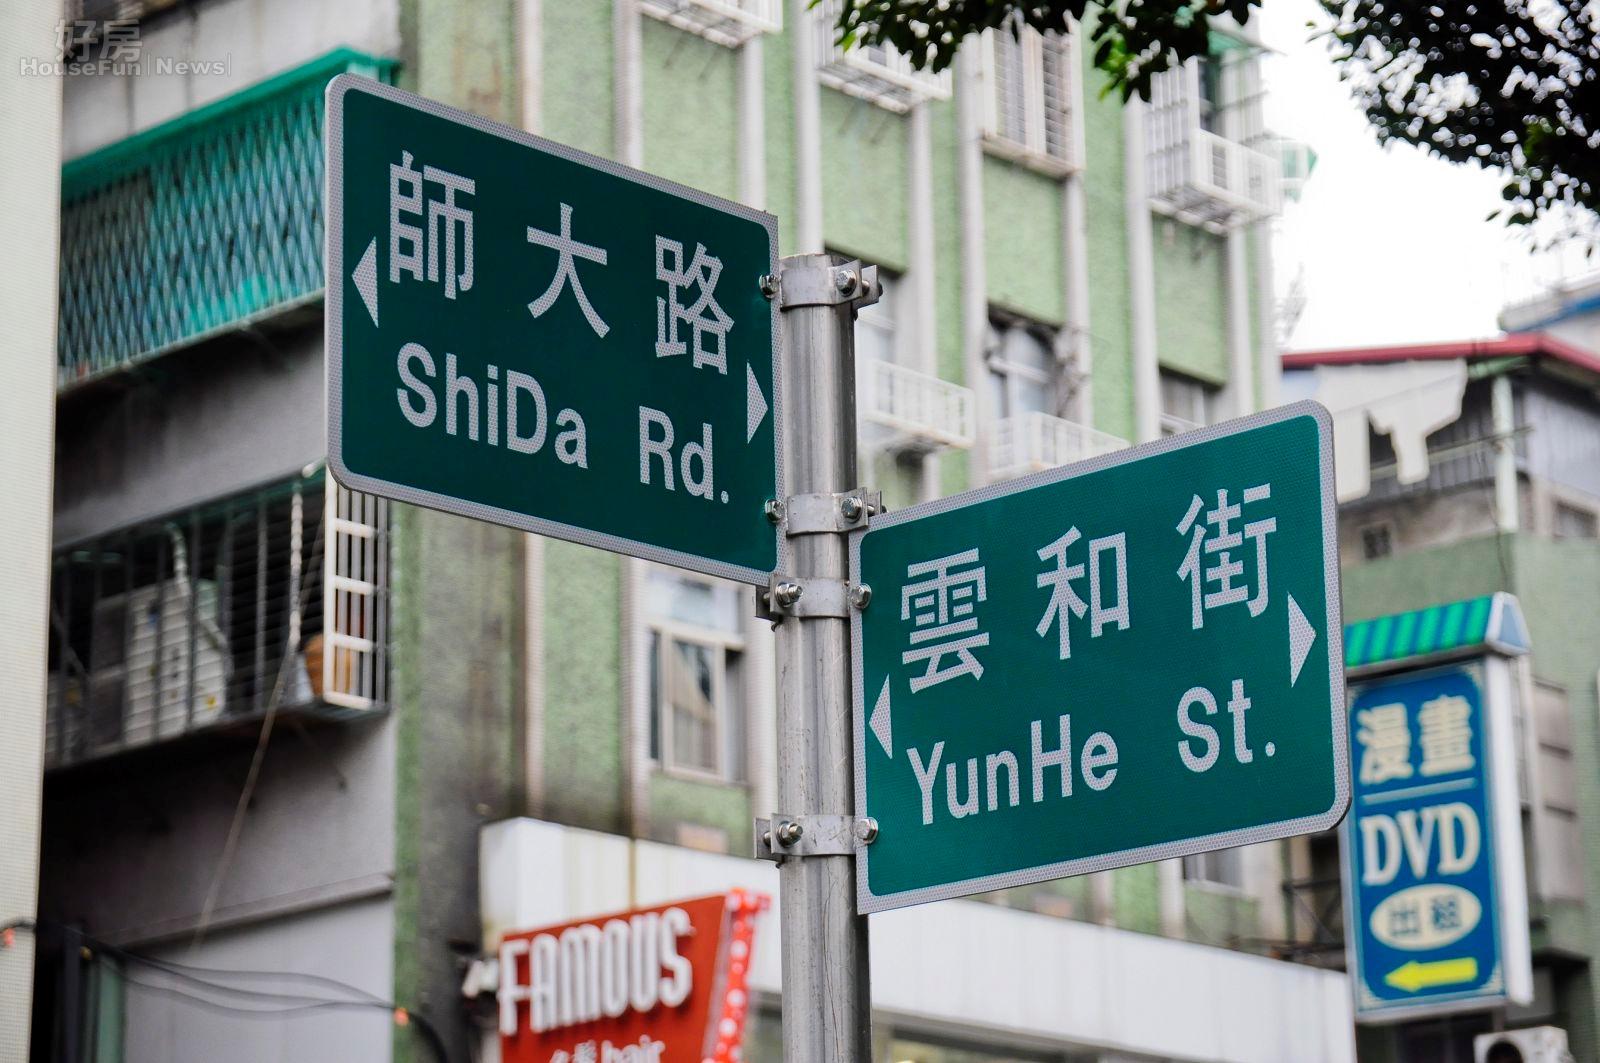 師大夜市商圈師大路以及雲和街路牌。(好房News記者 陳韋帆/攝影)